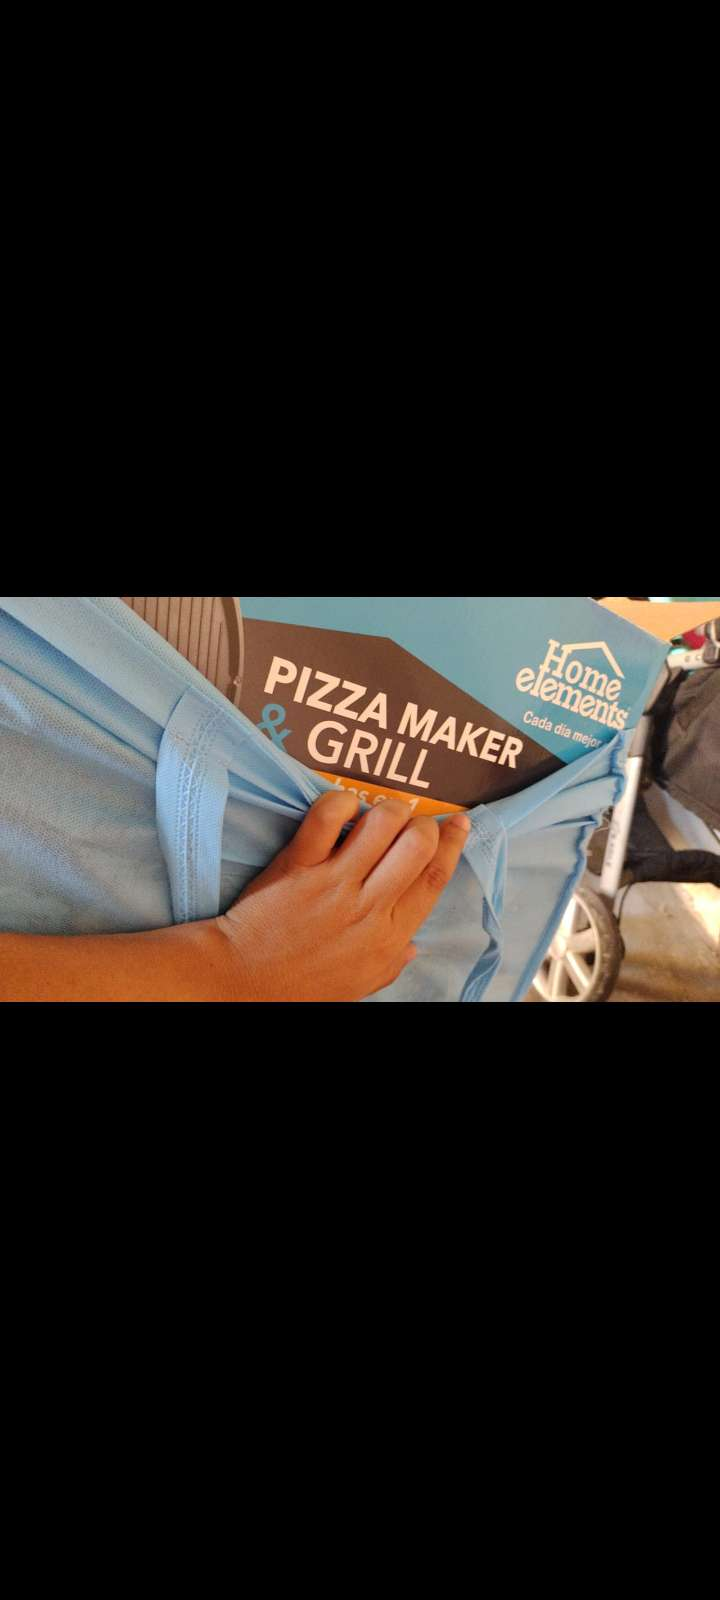 Pizza Marker